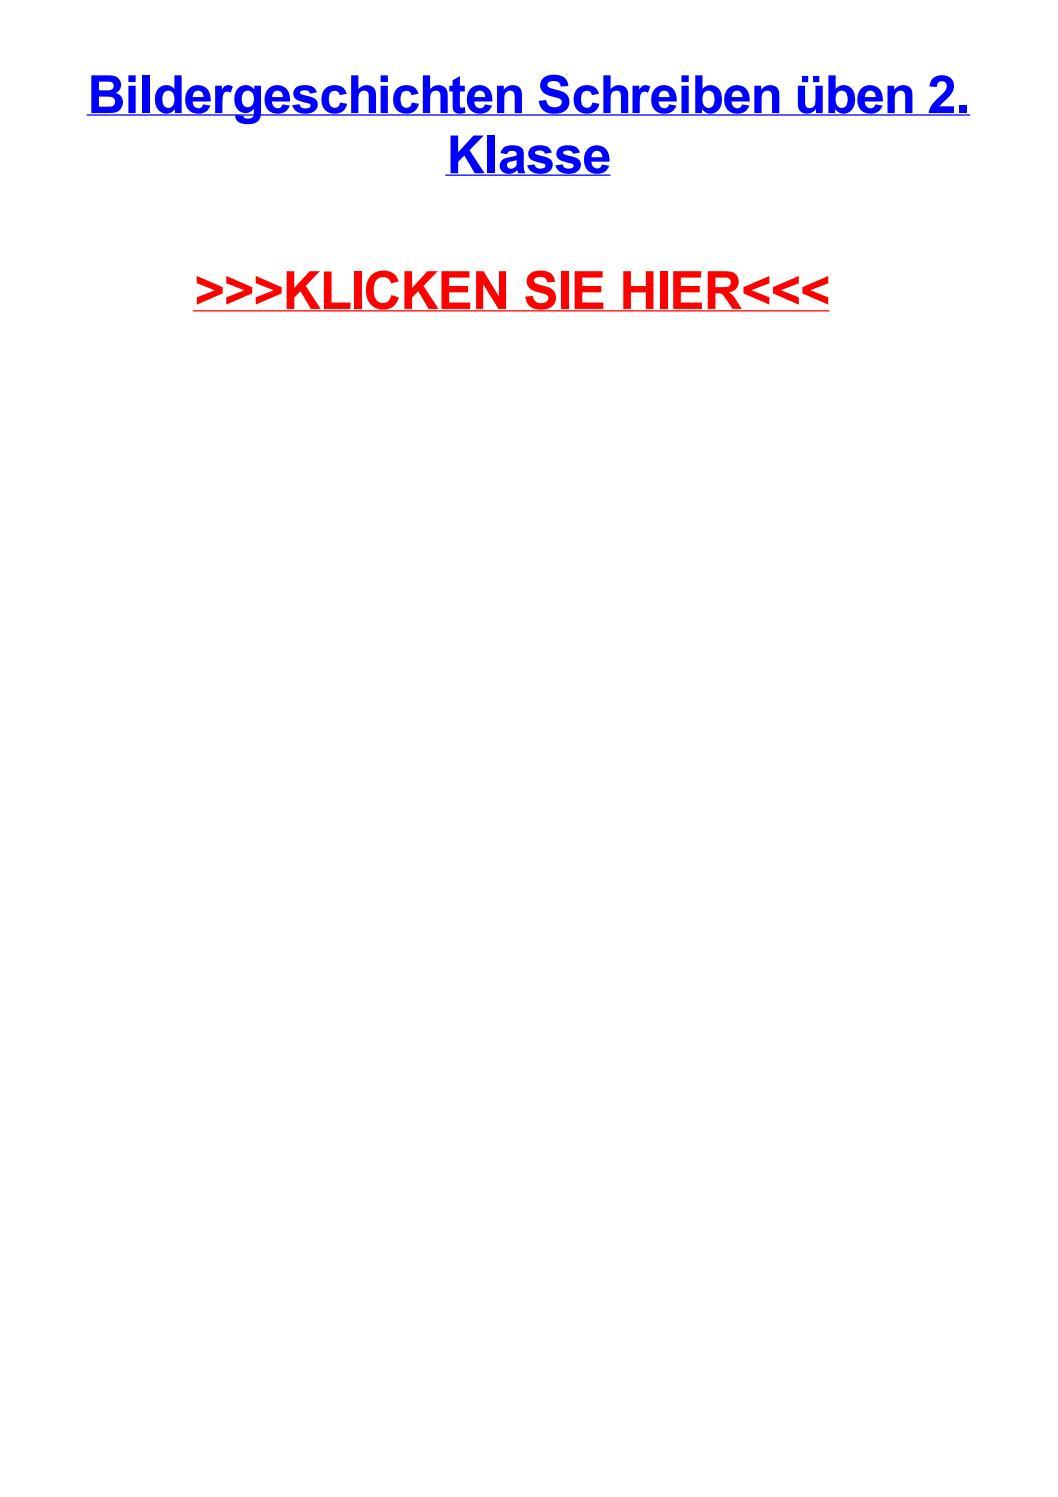 Bildergeschichten schreiben jben 2 klasse by stephaniecrmi - issuu